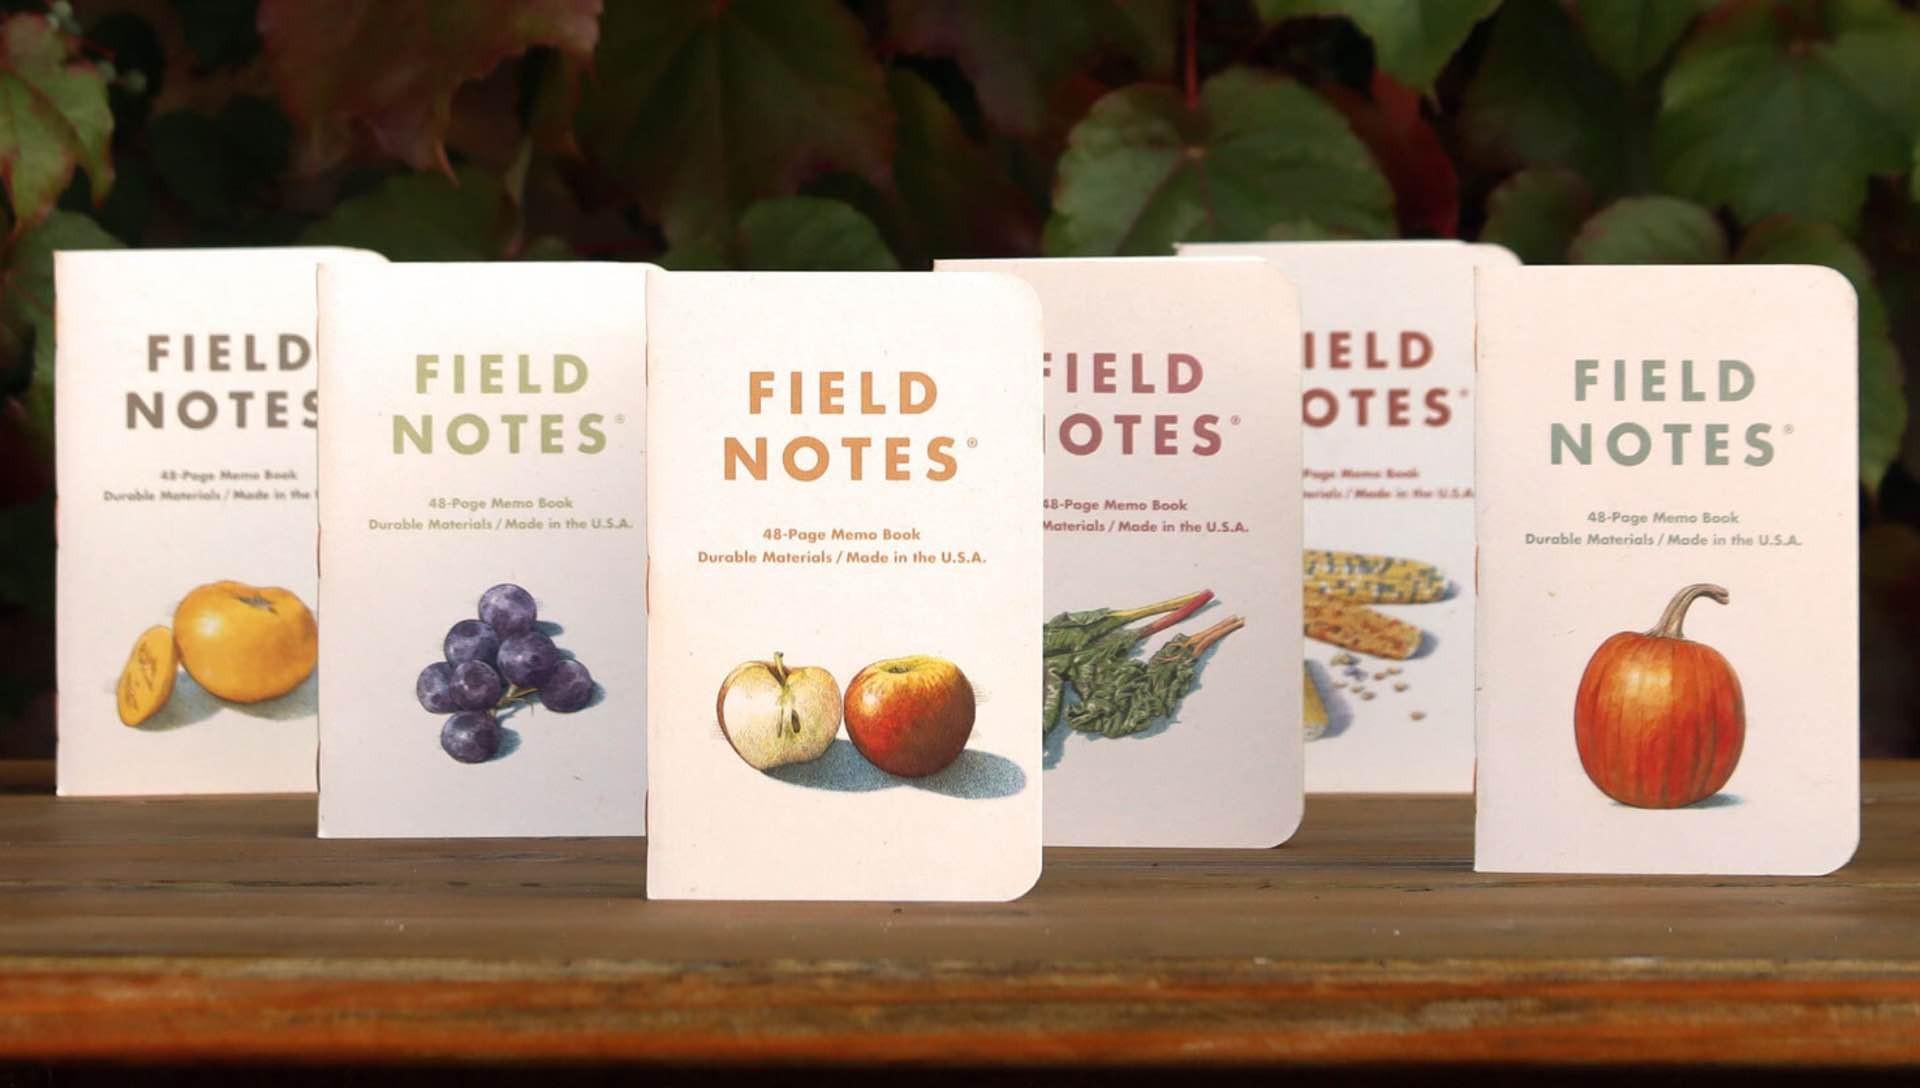 field-notes-harvest-edition-john-burgoyne-2